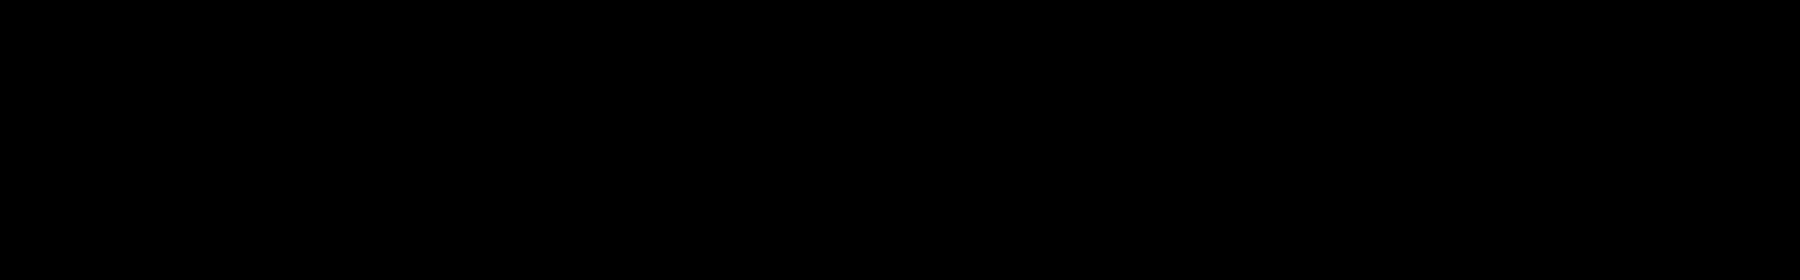 Trance Midi Melodies 1-4 Bundle Pack audio waveform